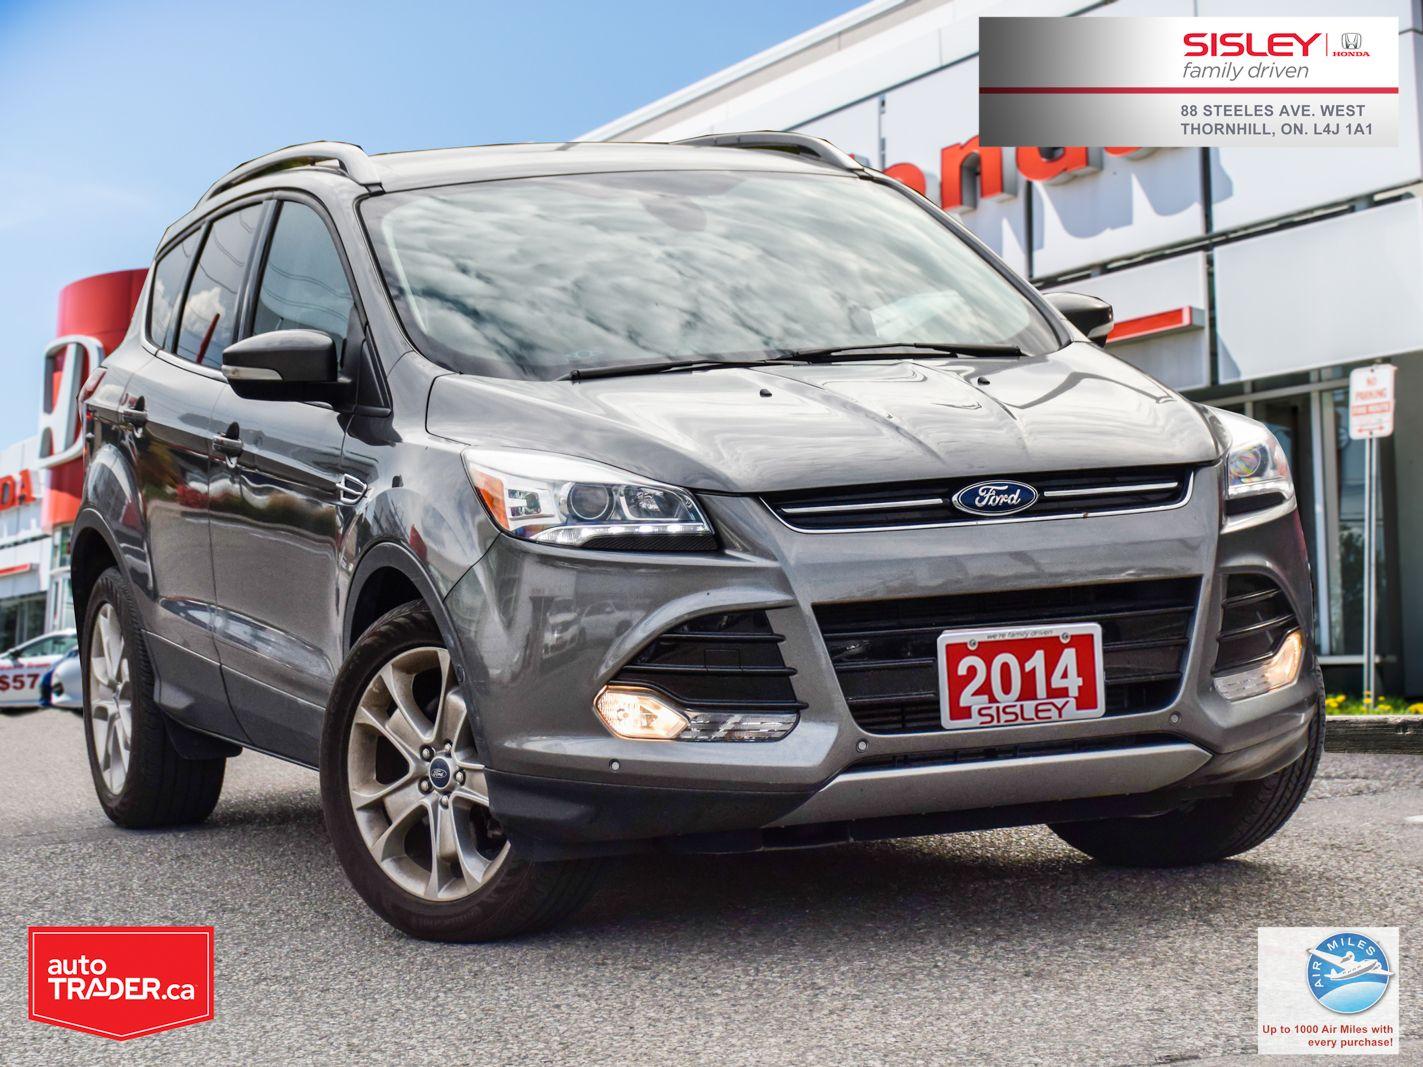 2014 Ford Escape Image